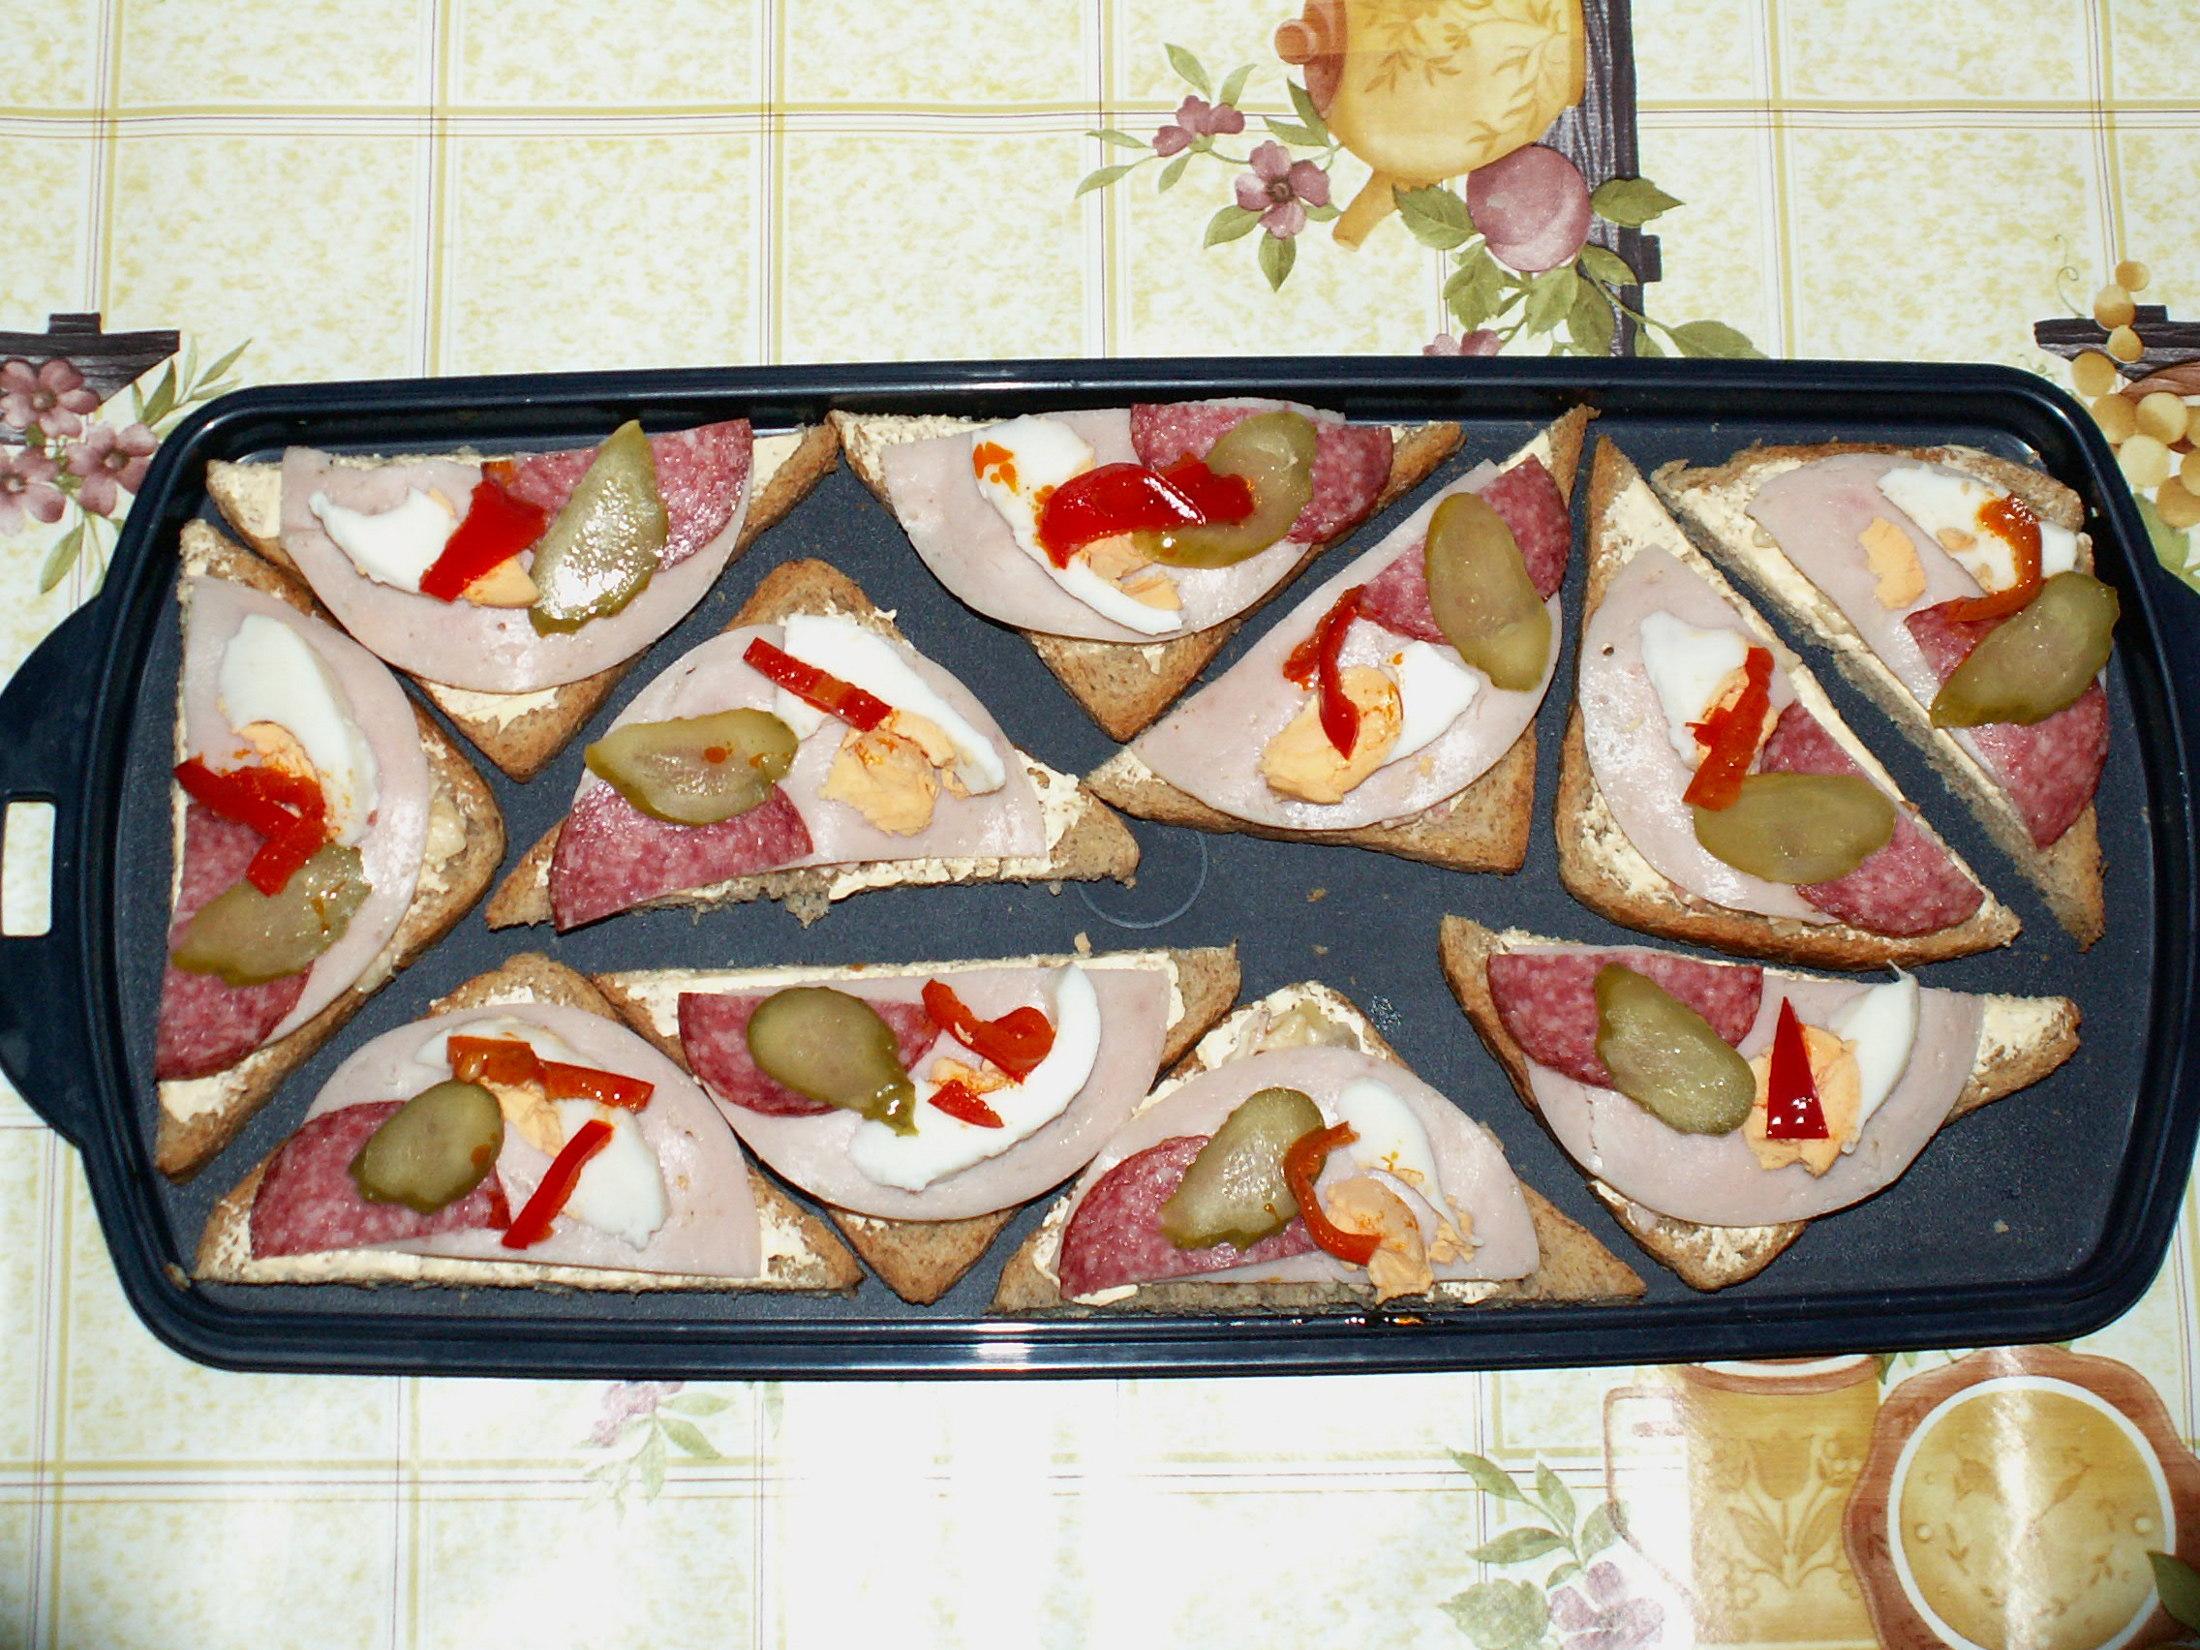 Recept Domácí vlašský salát - Jako podklad jsem udělal Váš vlašák. Byl moc dobrý.